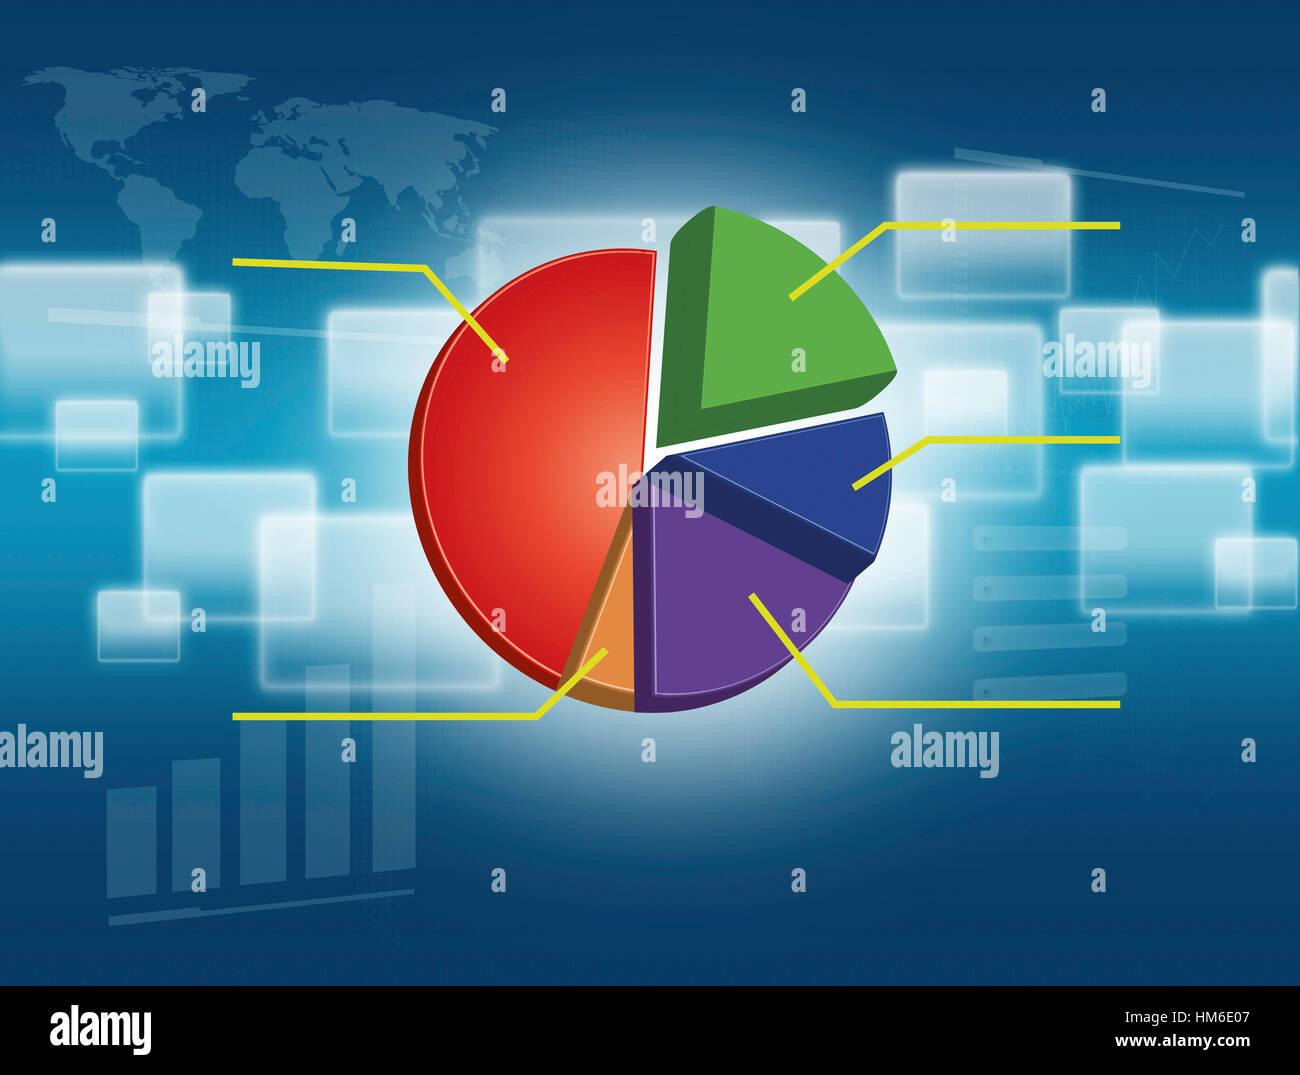 3d Render Bar Chart Pie Stockfotos & 3d Render Bar Chart Pie Bilder ...